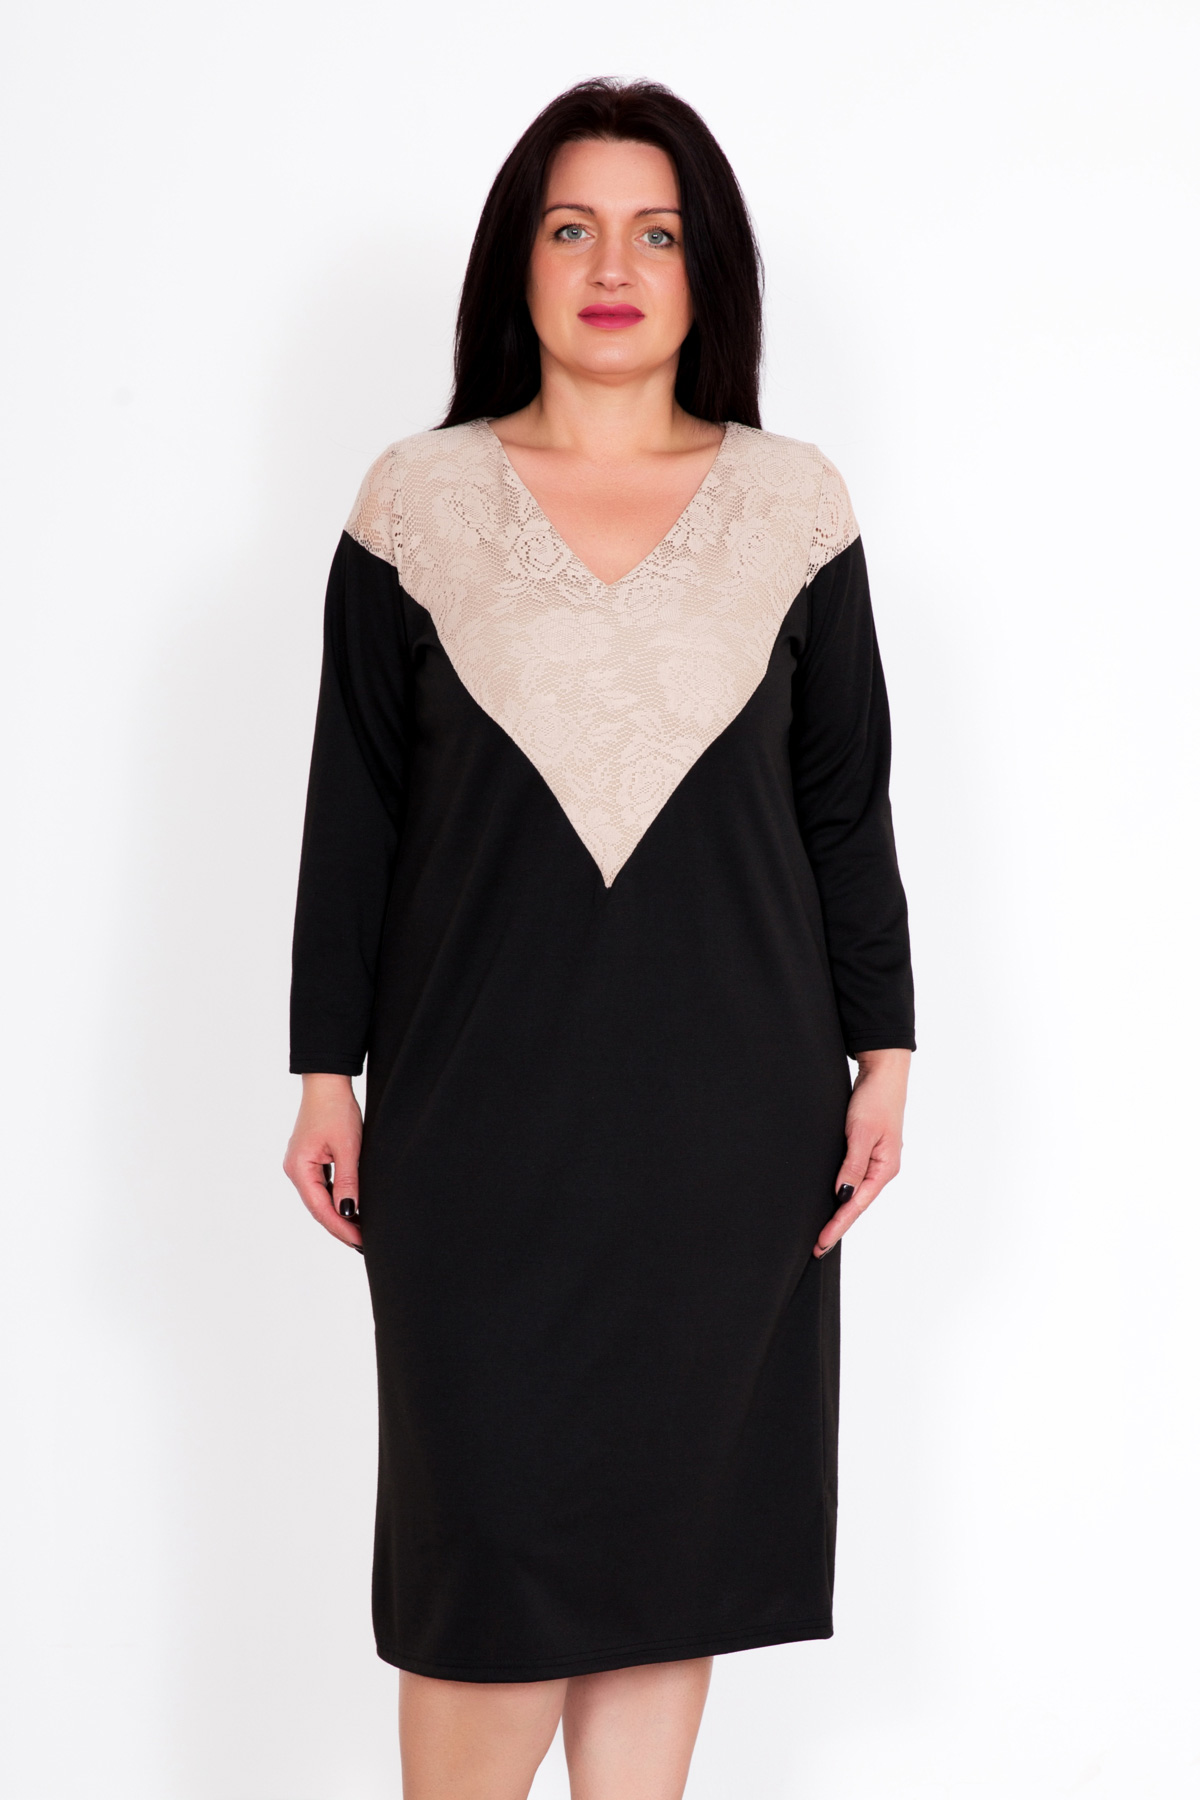 Жен. платье Мона р. 60Платья<br>Обхват груди: 120 см <br>Обхват талии: 101 см <br>Обхват бедер: 128 см <br>Длина по спинке: 105 см <br>Рост: 167 см<br><br>Тип: Жен. платье<br>Размер: 60<br>Материал: Милано